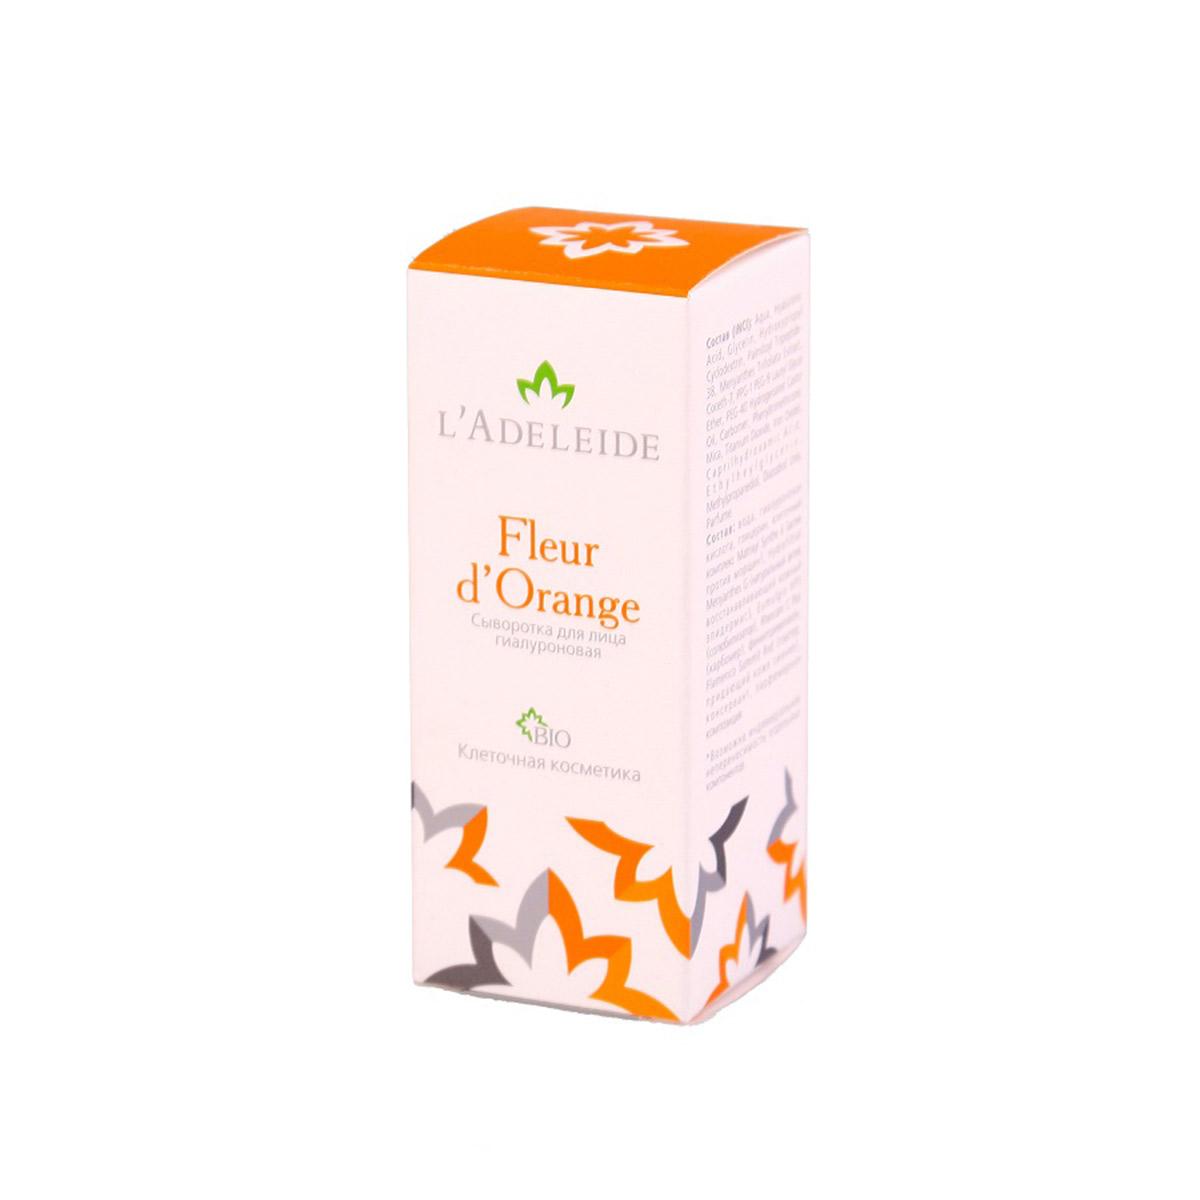 LAdeleide Сыворотка для лица гиалуроновая Fleur d'Orange, 15 млКС-411Инновационный продукт от LAdeleide переводит уход за кожей на новый уровень. Сыворотка Fleur dOrange это новейший косметический комплекс в максимальной концентрации. Сыворотка создана для того, чтобы стимулировать кожу на выработку собственных полезных веществ – коллагена, фибронектина и гиалуроновой кислоты. Высокая концентрация высоко- и низкомолекулярной гиалуроновой кислоты растительного происхождения лучше проникает в глубокие слои кожи. Аромат для сыворотки был создан парфюмерным домом Concept Aromatique специально для L'Adeleide. Высокотехнологичная и натуральная косметика от экспертов отрасли с использованием только современного импортного сырья. В основе эффективности крема: Matrixyl Synthe 6 - содержит стволовые клетки растительного происхождения. Улучшает контур лица, борется с возрастной пигментацией и разглаживает морщины. Hydrofiltrat Menyanthes G - восстанавливает кожный эпидермис, моделирует овал лица. Гиалуроновая кислота – (высоко-...